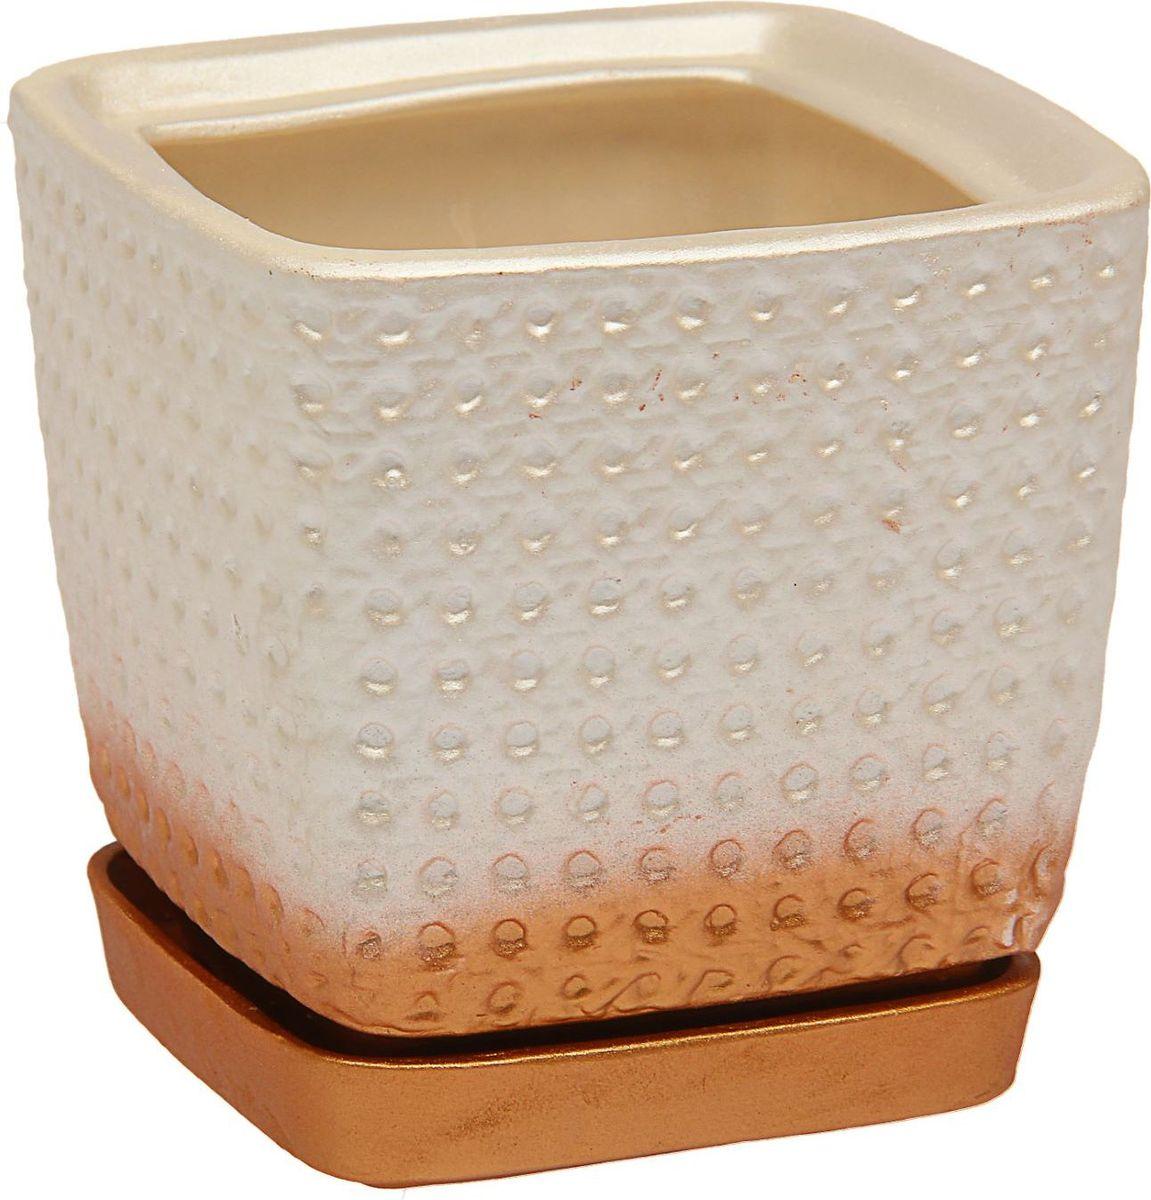 Кашпо Керамика ручной работы Квадрат, цвет: белый, 2 л1465280Комнатные растения — всеобщие любимцы. Они радуют глаз, насыщают помещение кислородом и украшают пространство. Каждому из них необходим свой удобный и красивый дом. Кашпо из керамики прекрасно подходят для высадки растений: за счёт пластичности глины и разных способов обработки существует великое множество форм и дизайновпористый материал позволяет испаряться лишней влагевоздух, необходимый для дыхания корней, проникает сквозь керамические стенки! #name# позаботится о зелёном питомце, освежит интерьер и подчеркнёт его стиль.